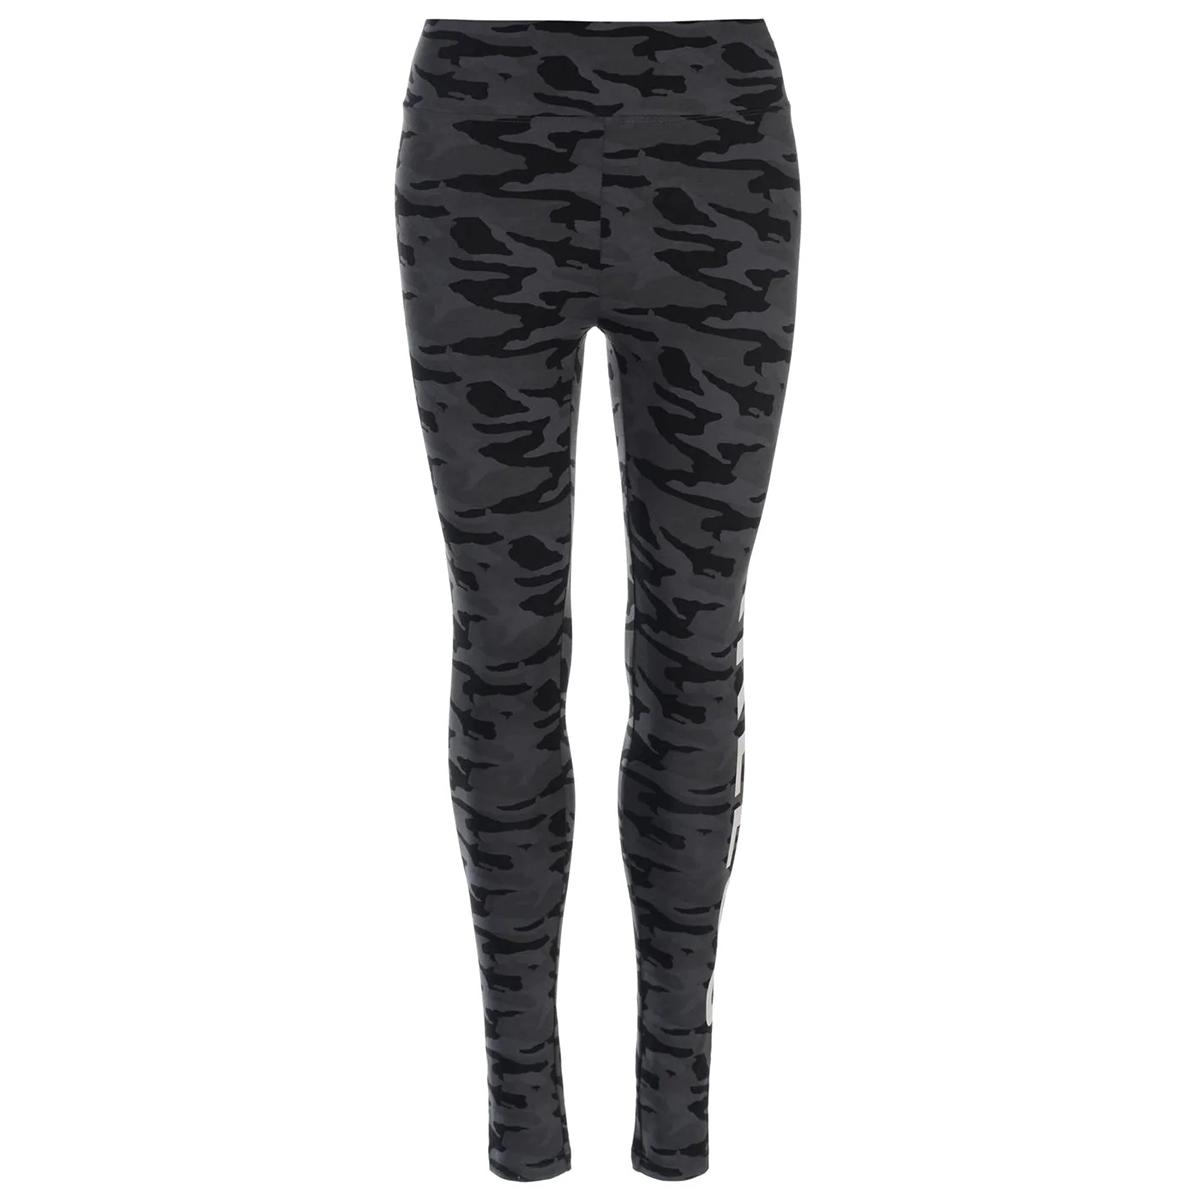 Golddigga Women's Aop Leggings - Black, 2